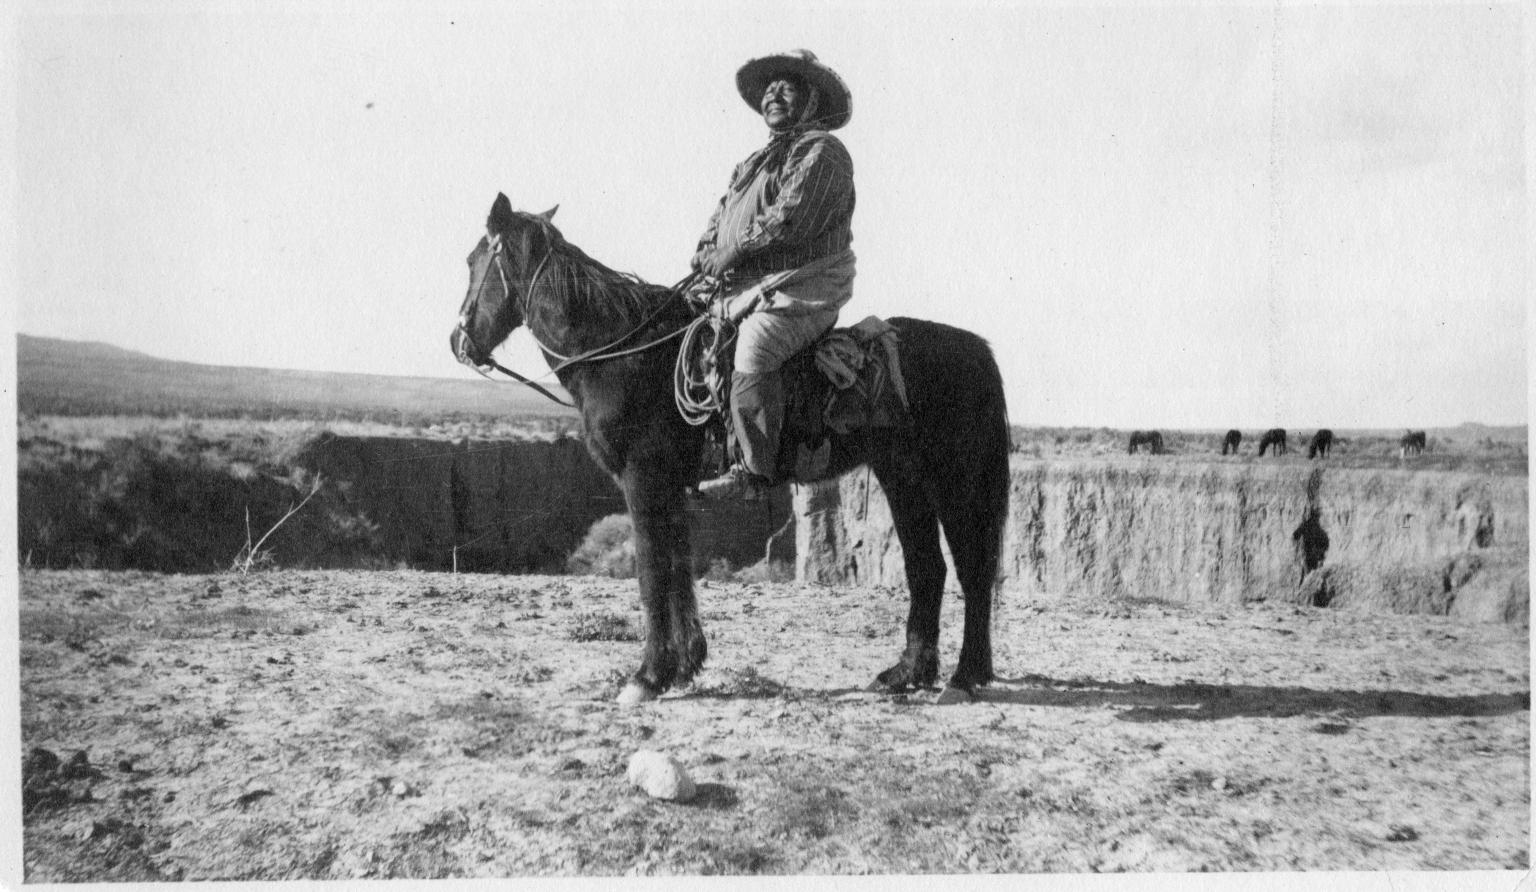 Portrait of a Ute Mountain Ute on horseback